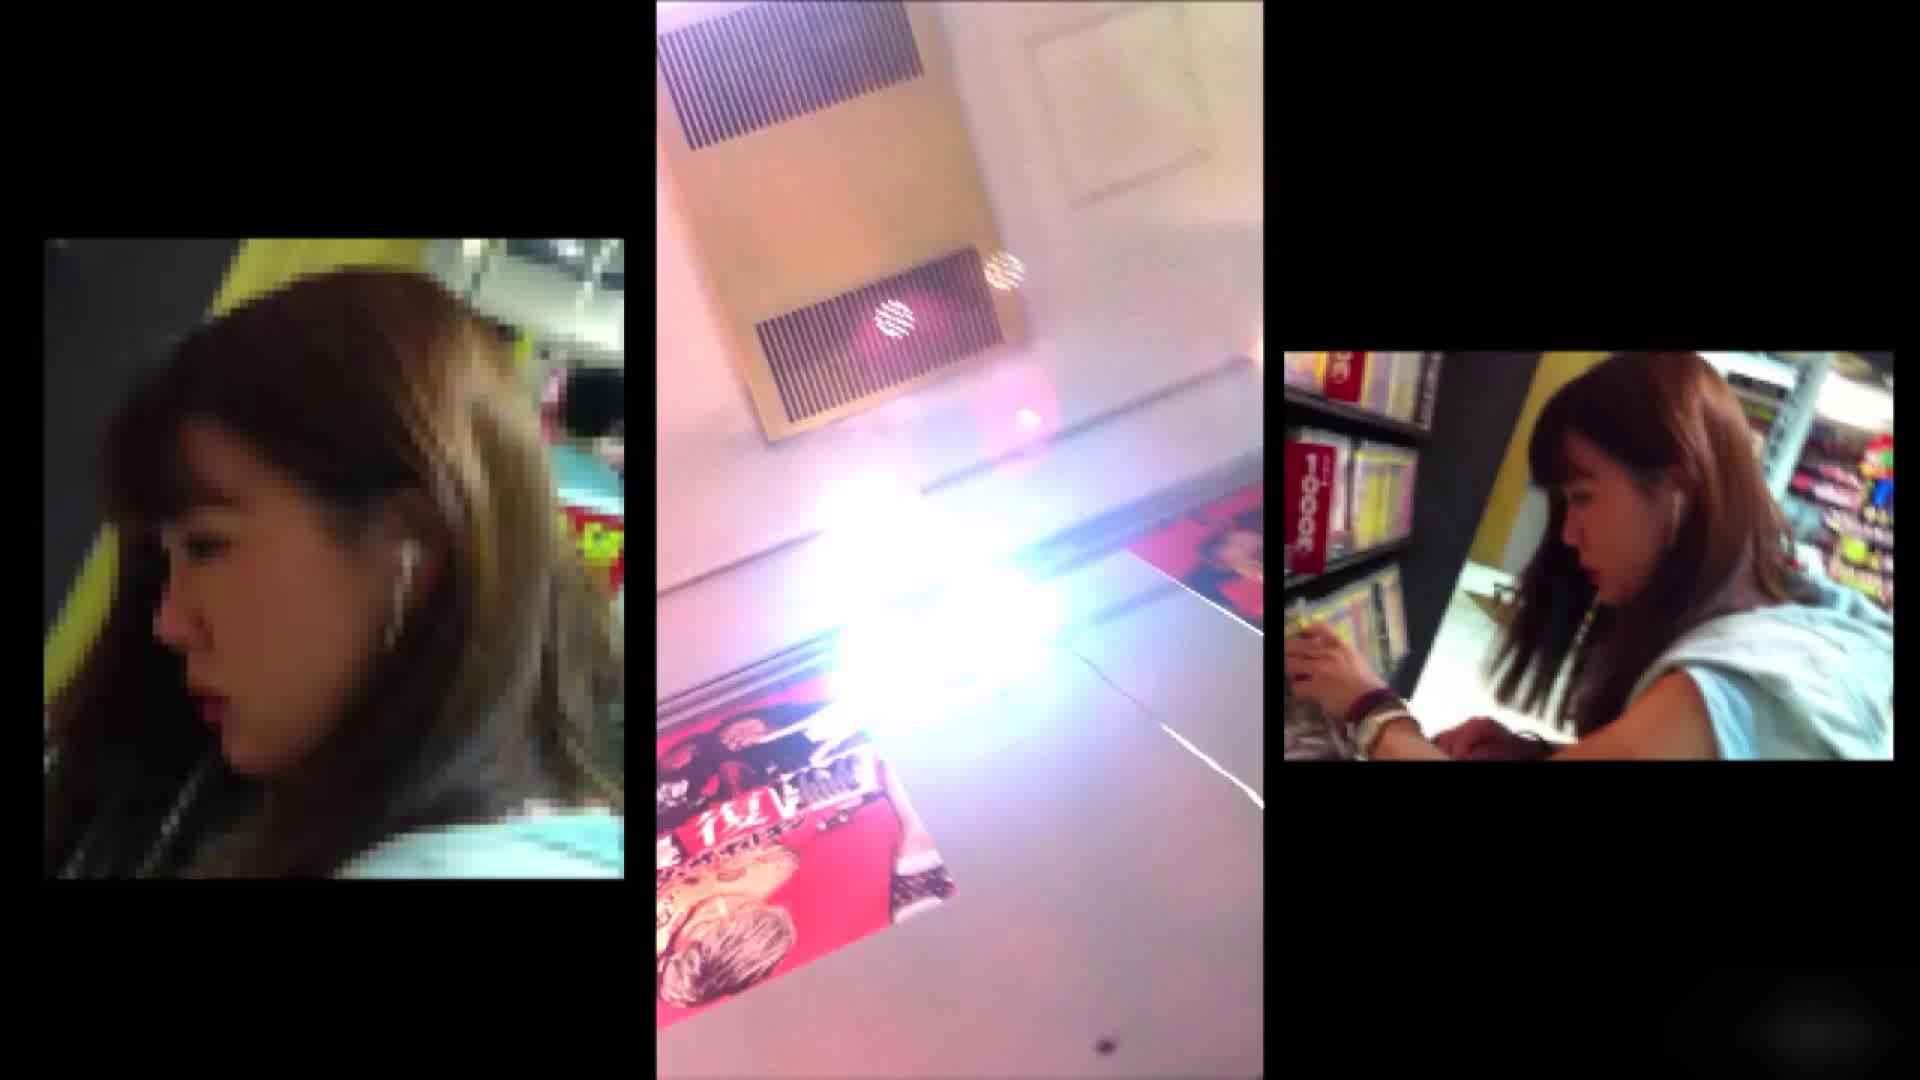 ガールズパンチラストリートビューVol.039 チラ 盗み撮りAV無料動画キャプチャ 97pic 6